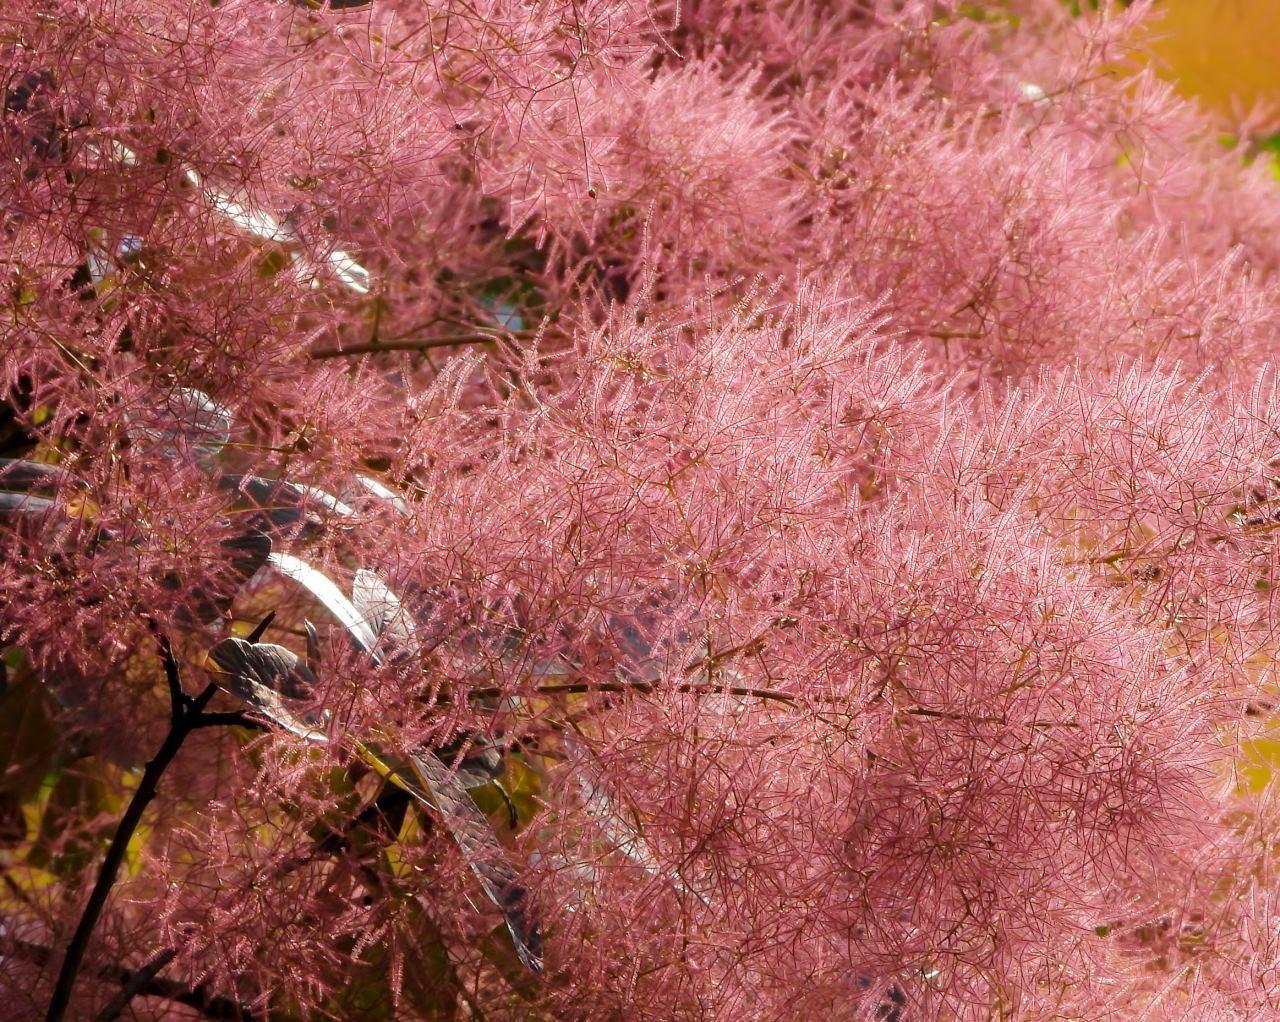 高原の『五月晴』の空気感を再び_c0305565_17242706.jpg